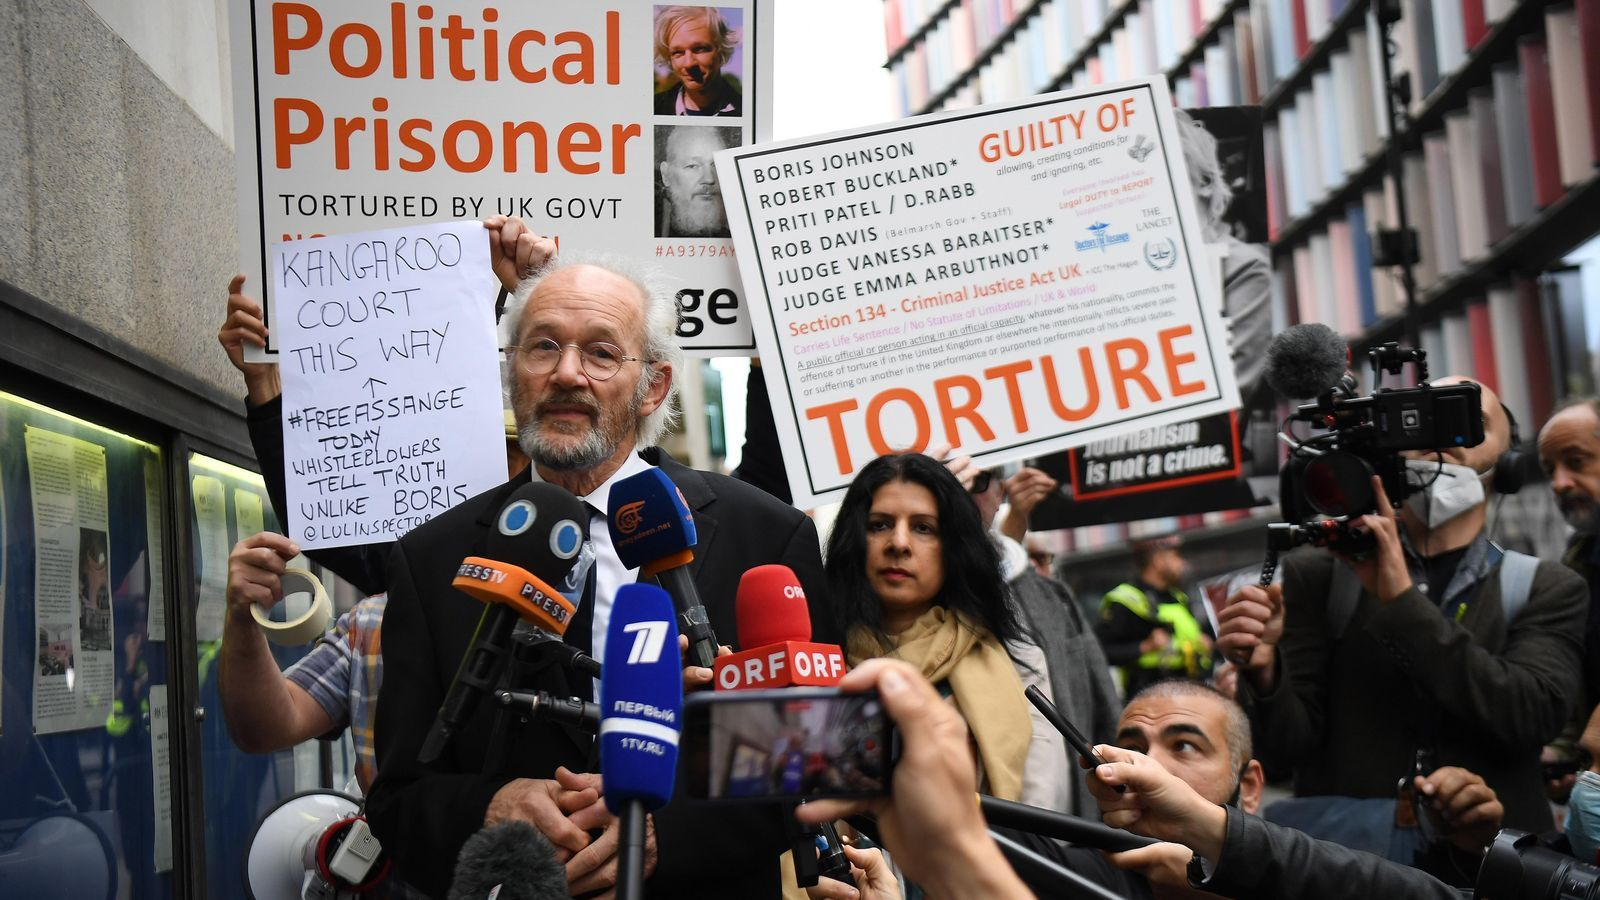 John Shipton, el pare de Julian Assange, al davant de la cort de Westminster on s'ha représ aquest dilluns el procés d'extradició